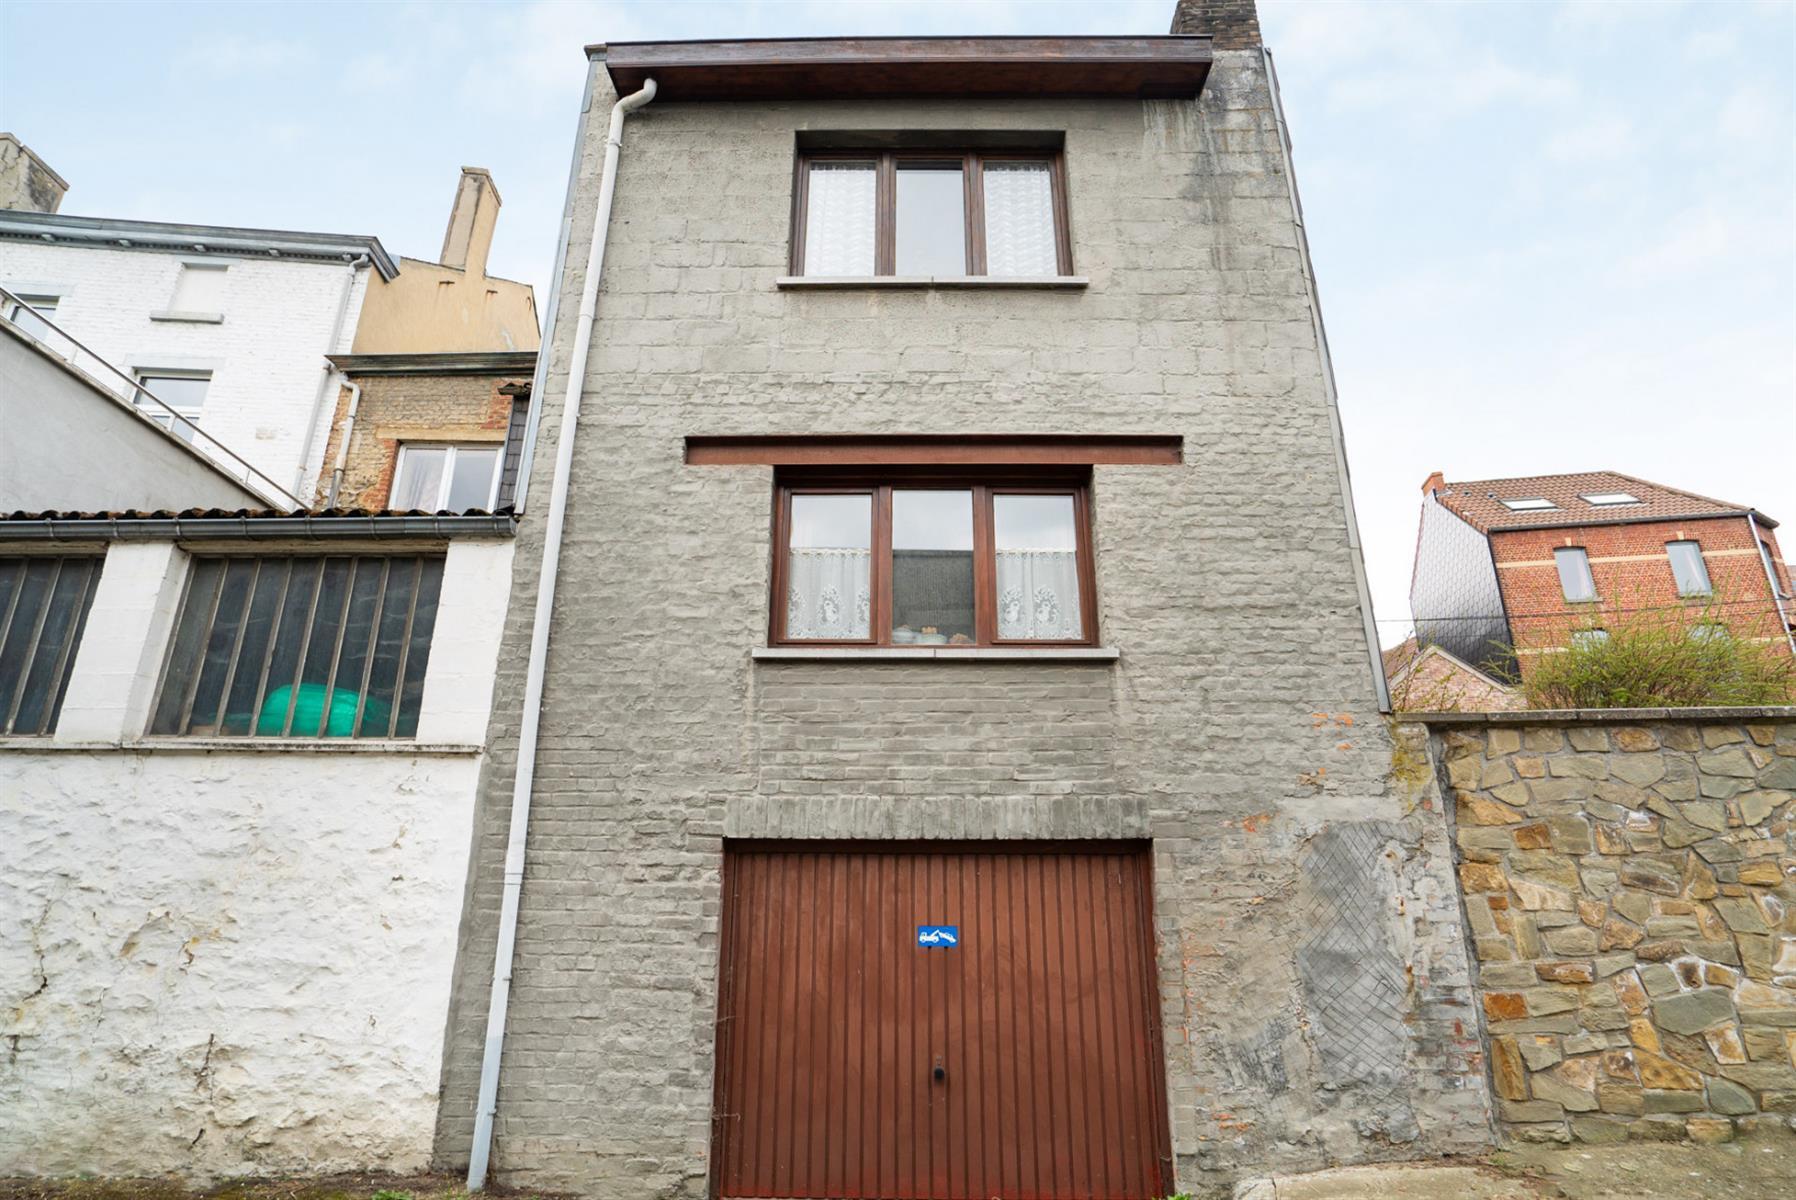 Maison - Mont-Saint-Guibert - #3849432-1